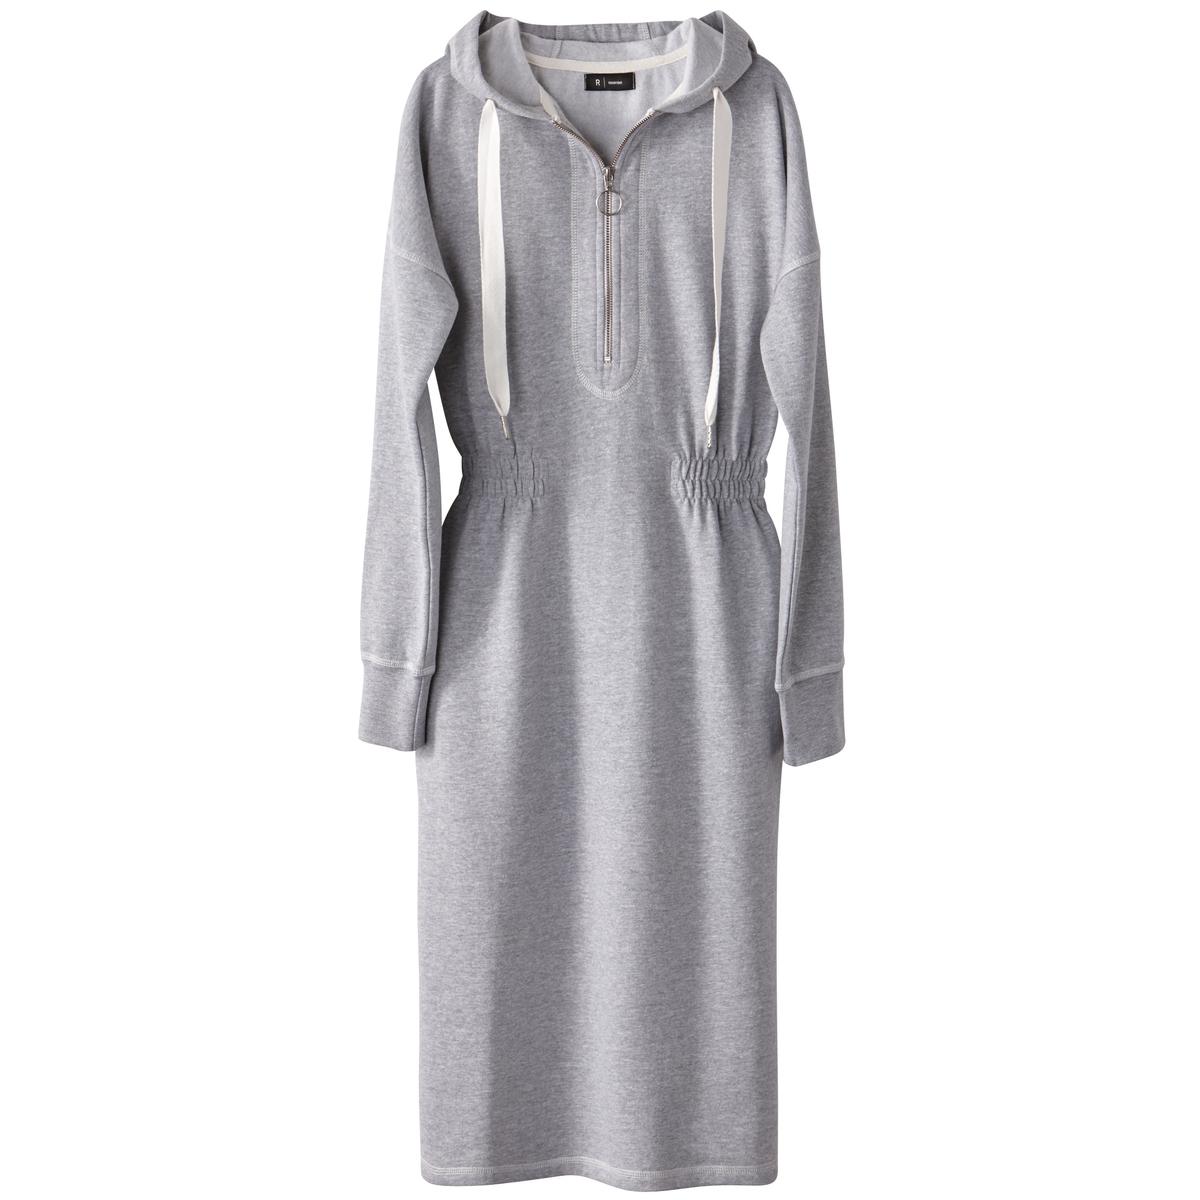 Платье-пуловер с капюшоном и эластичным поясомДетали •  Форма : прямая  •  Длина миди, 3/4  •  Длинные рукава     •  Капюшон Состав и уход •  80% хлопка, 20% полиэстера  •  Температура стирки 30°   •  Сухая чистка и отбеливание запрещены    • Барабанная сушка на слабом режиме       •  Низкая температура глажки<br><br>Цвет: серый меланж<br>Размер: M.XXL.S